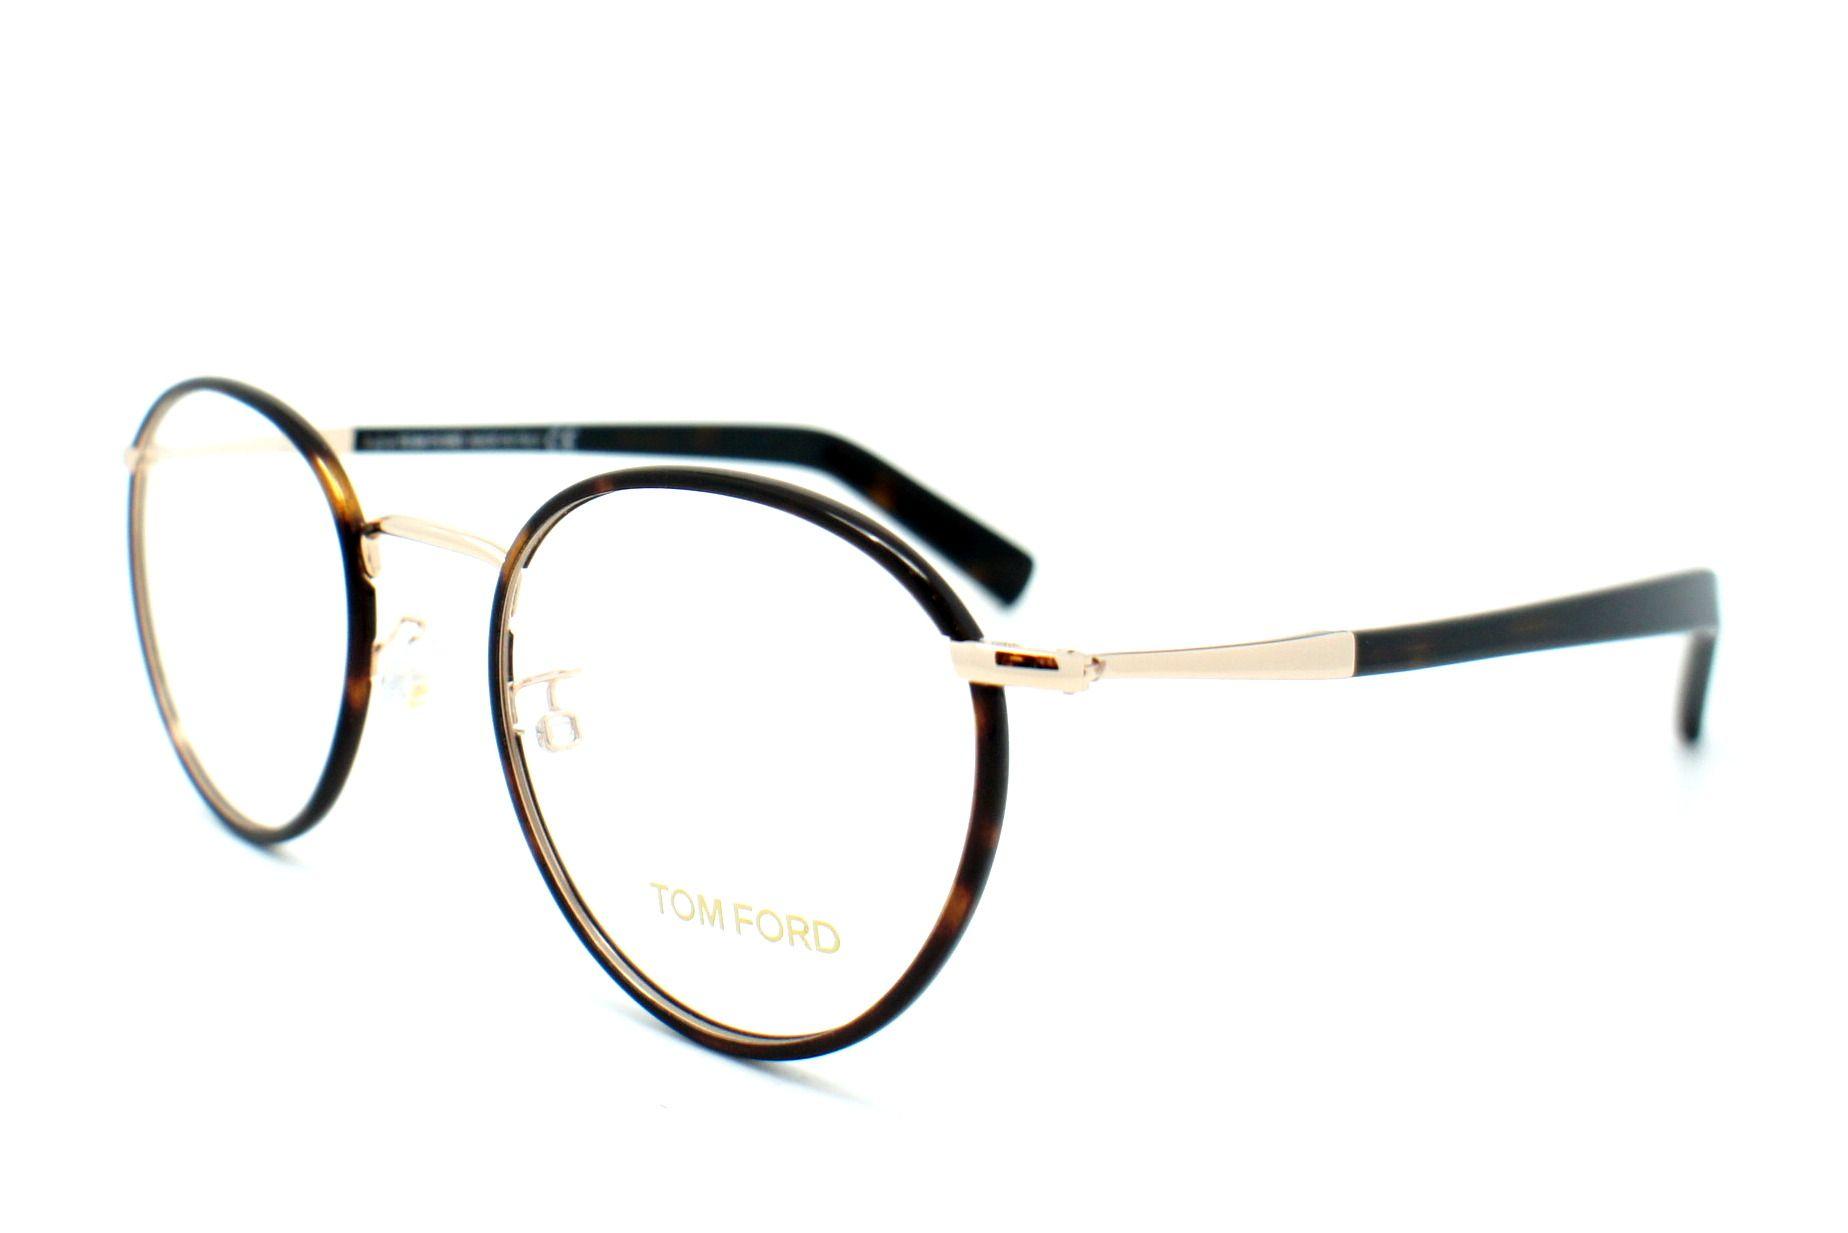 37b54fa17f4627 Lunettes de vue TOM FORDTF 5332 056 51 20. Made in Italie Découvrez  l ensemble de la collection de lunettes de vue TOM FORD et beaucoup  d autres grâce à ...